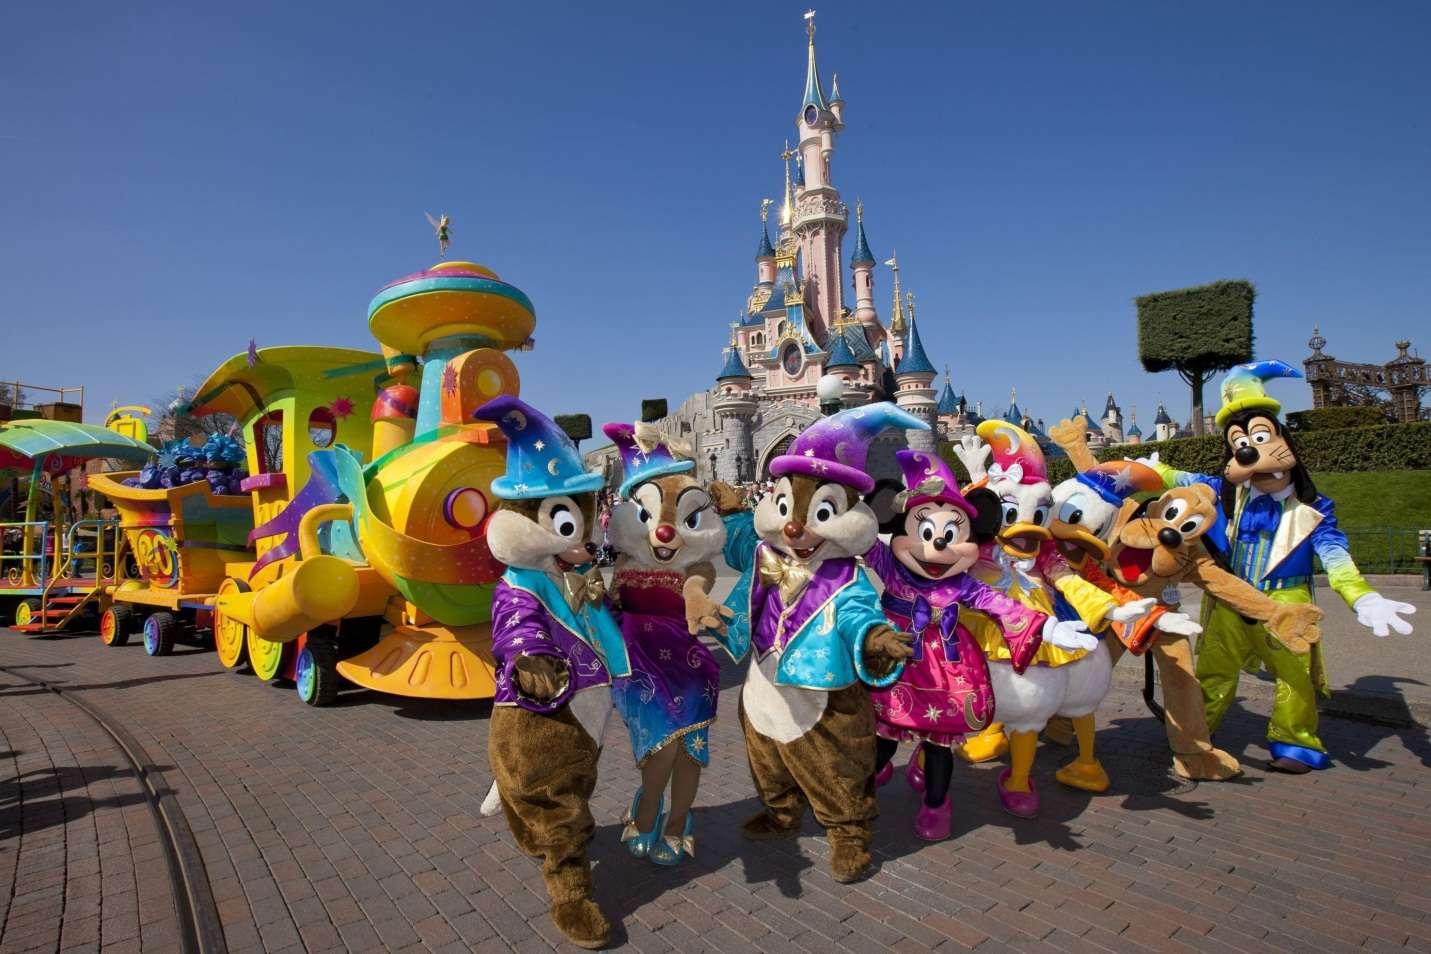 Tham quan Disneyland với hình ảnh những nhân vật hoạt hình